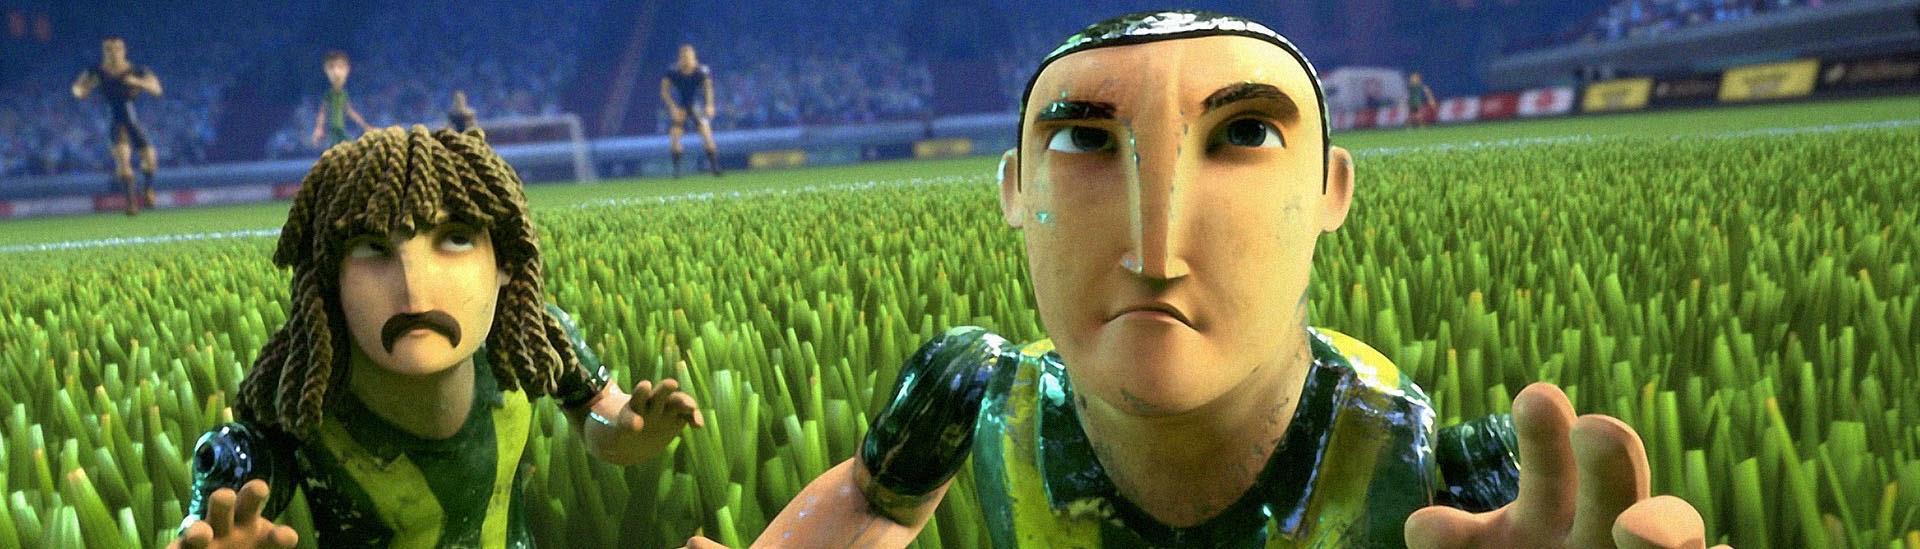 Baner filmu 'Piłkarzyki Rozrabiają'